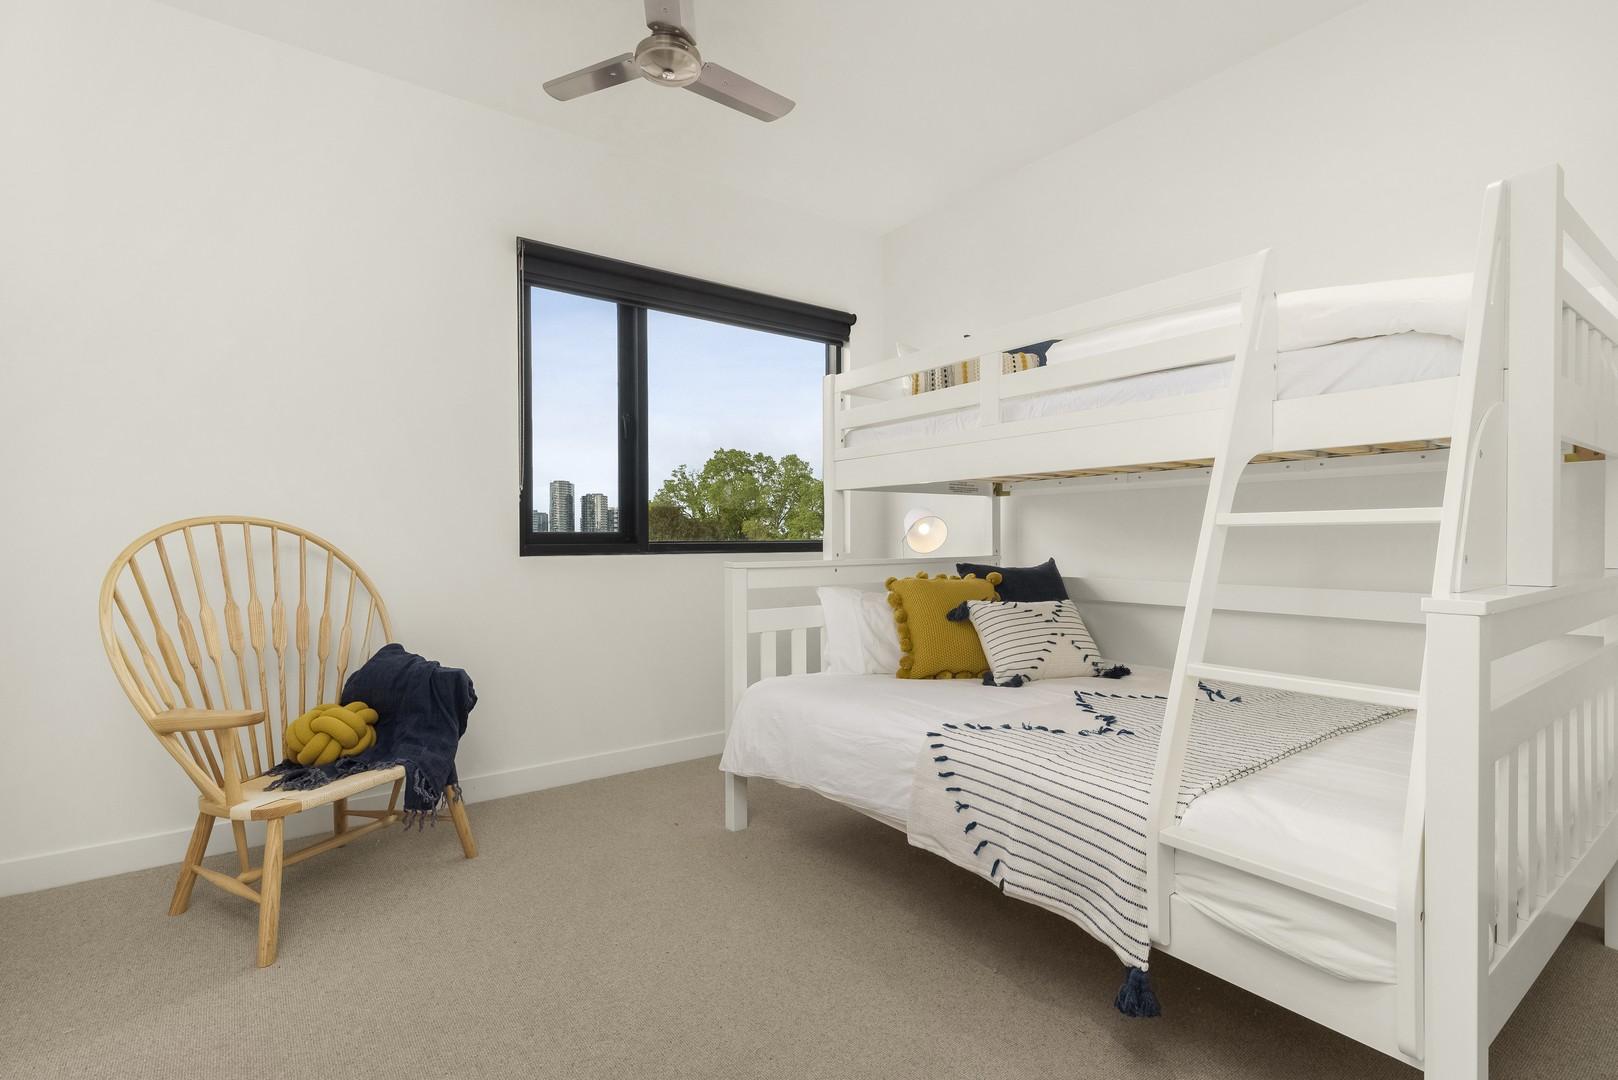 Bunk beds at Highviews Apartment